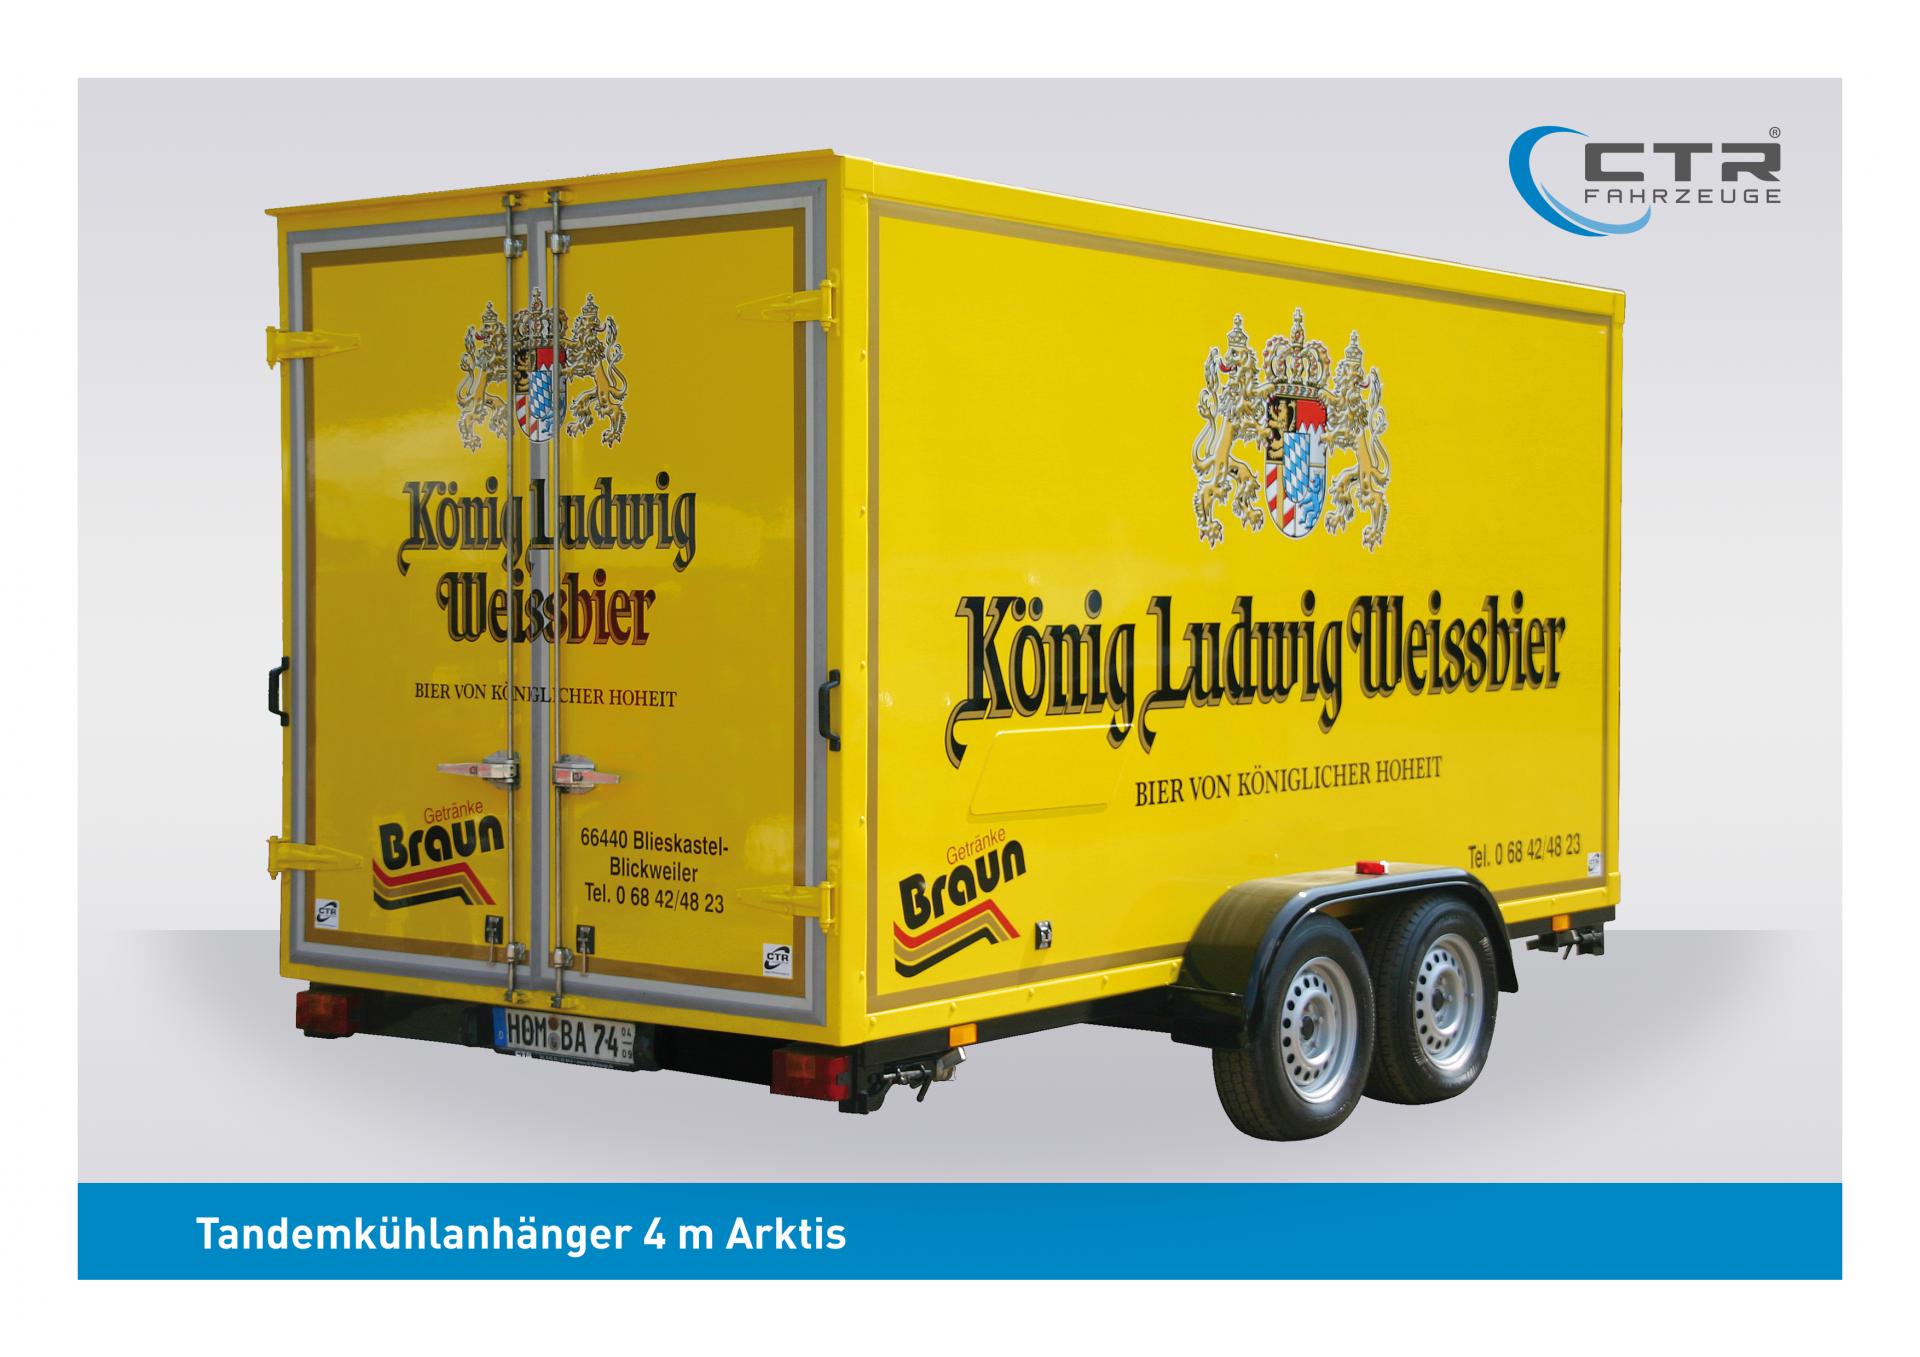 Kühlwagen Arktis